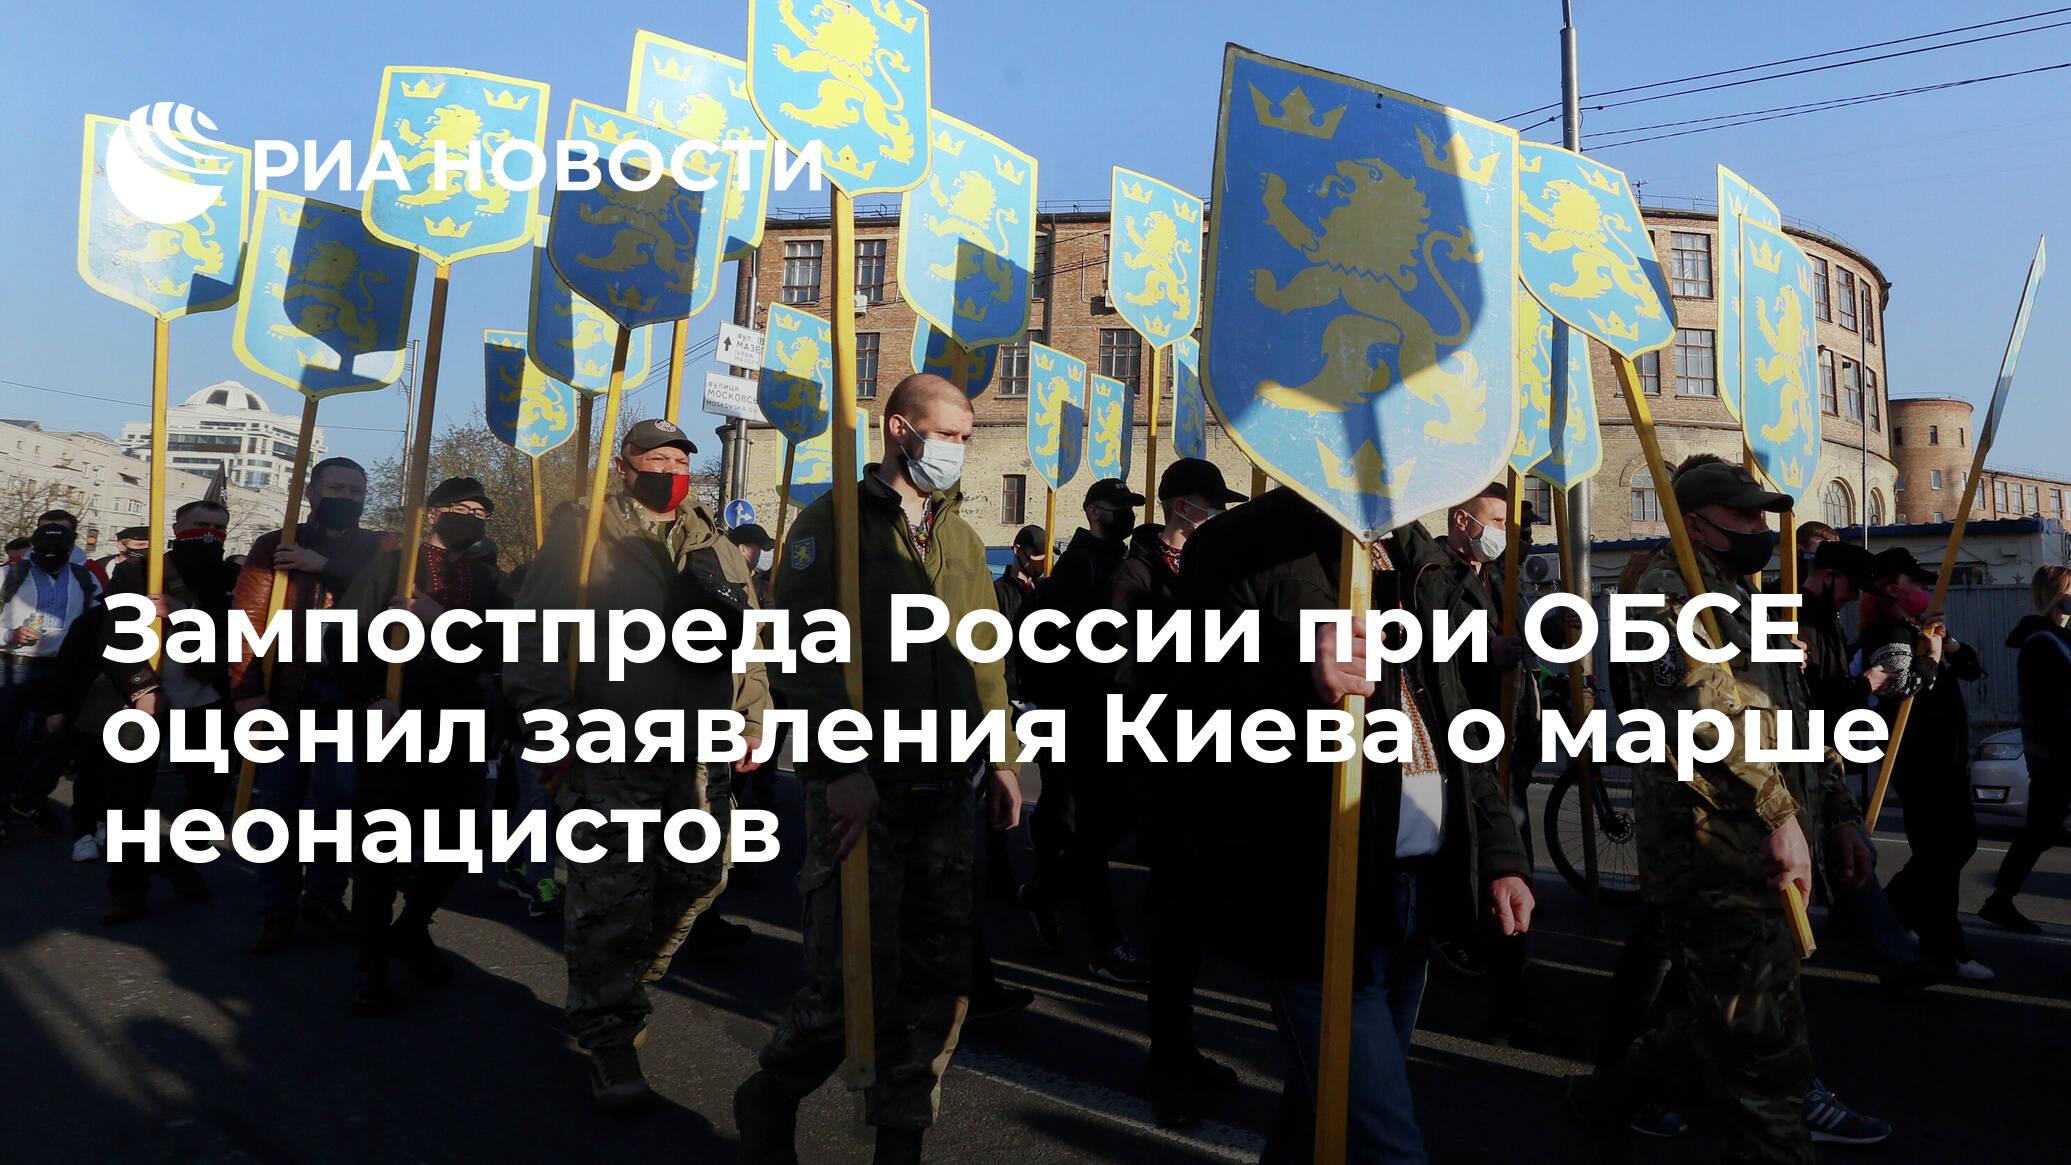 Зампостпреда России при ОБСЕ оценил заявления Киева о марше неонацистов